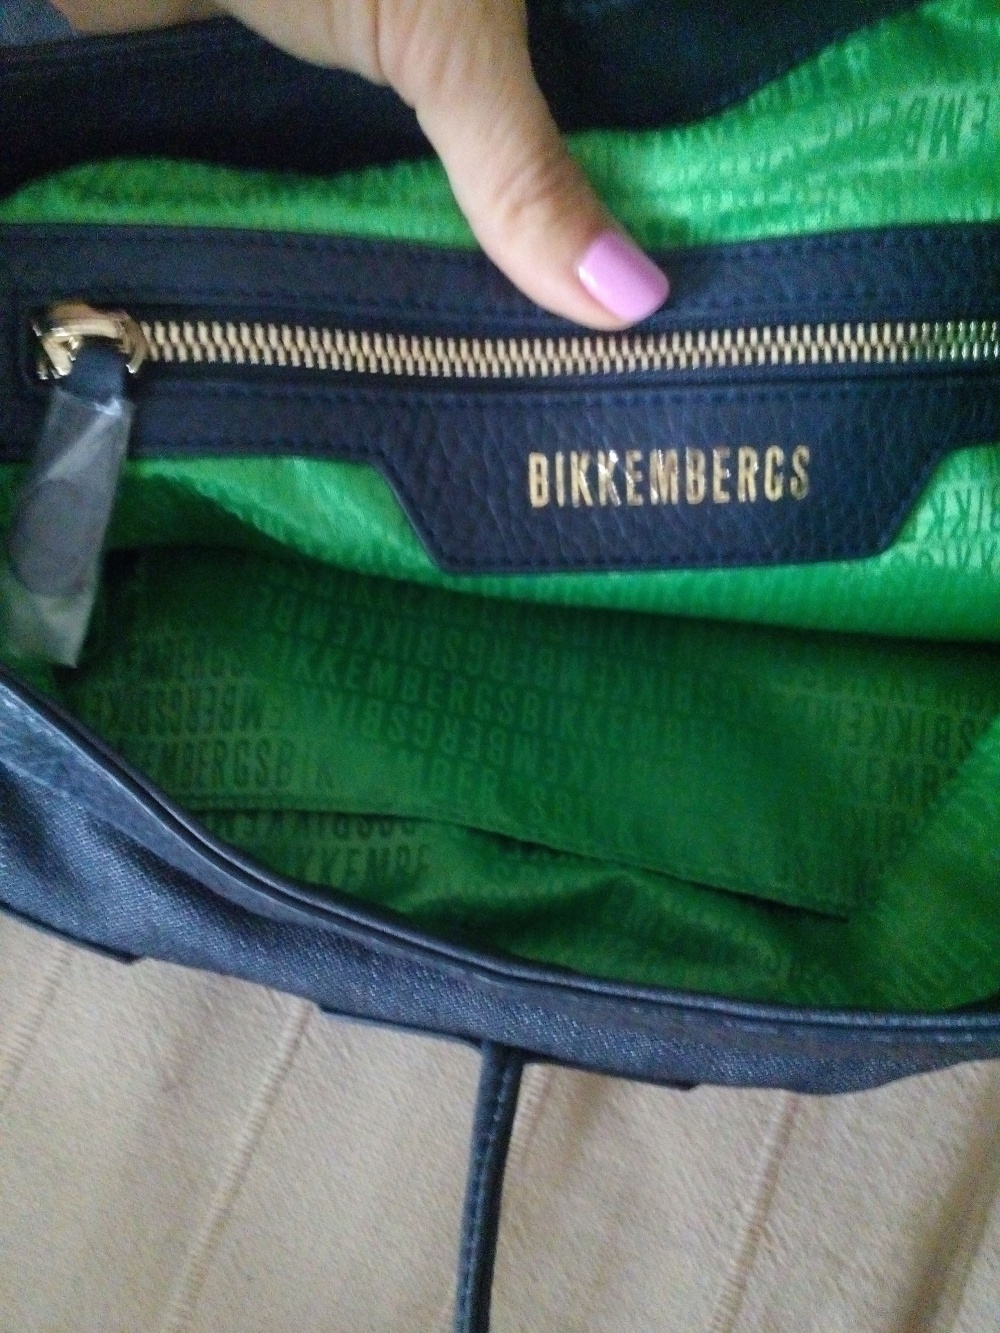 Сумка bikkembergs, цвет синий, кожа+текстиль